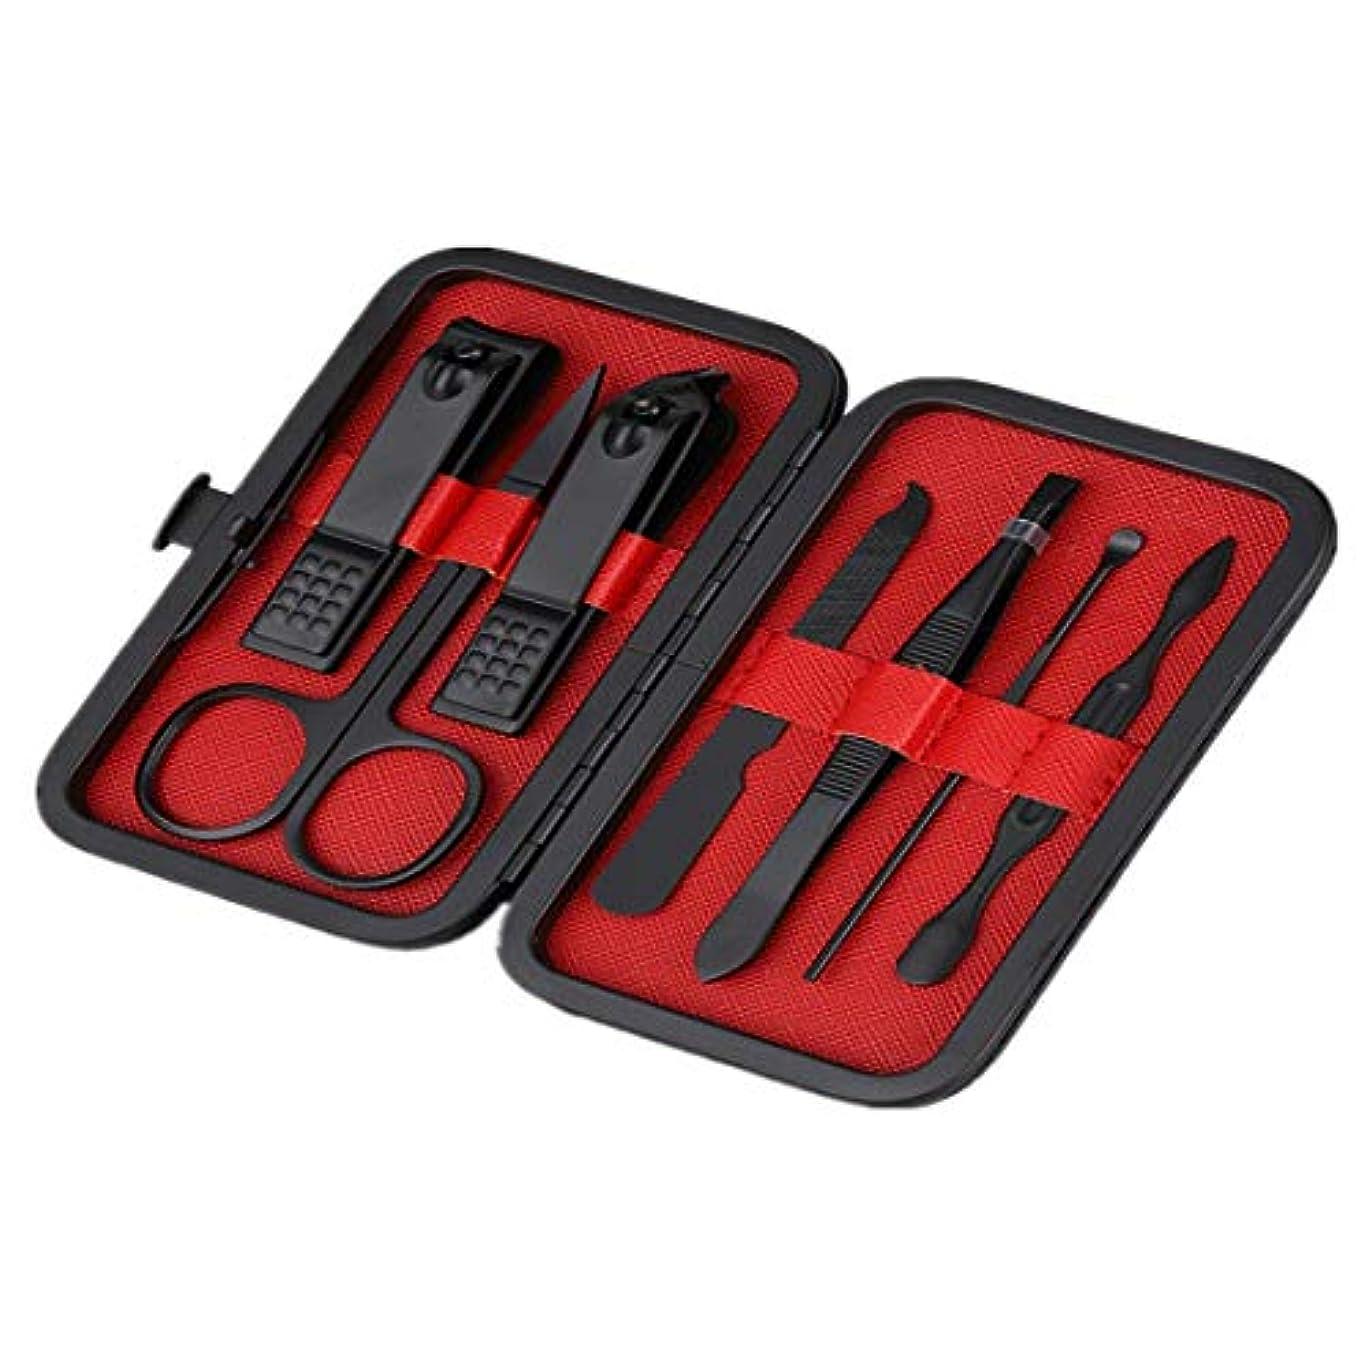 クックのスコア気配りのあるJiaoran ステンレス製の美容ツール、ネイルツール、ネイル、足の爪、アイブロウキット、9/12個、1パックあたり1個 (Color : ZB015)